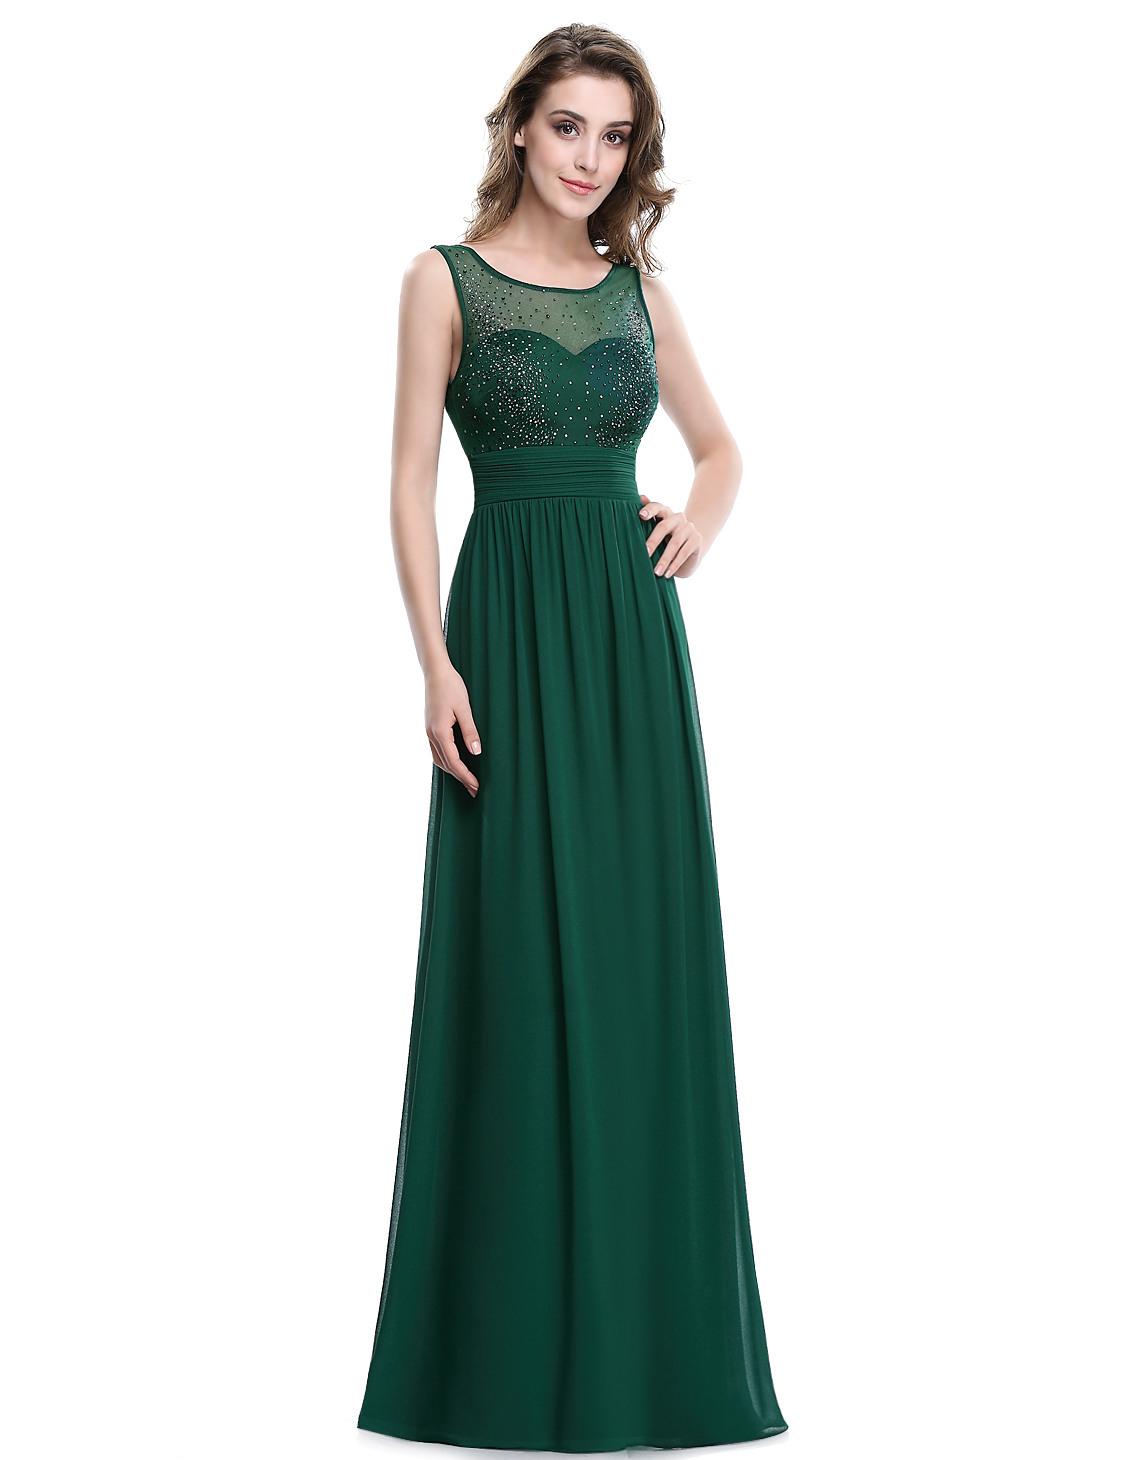 17 Coolste Abendkleid In Grün Design10 Leicht Abendkleid In Grün Stylish